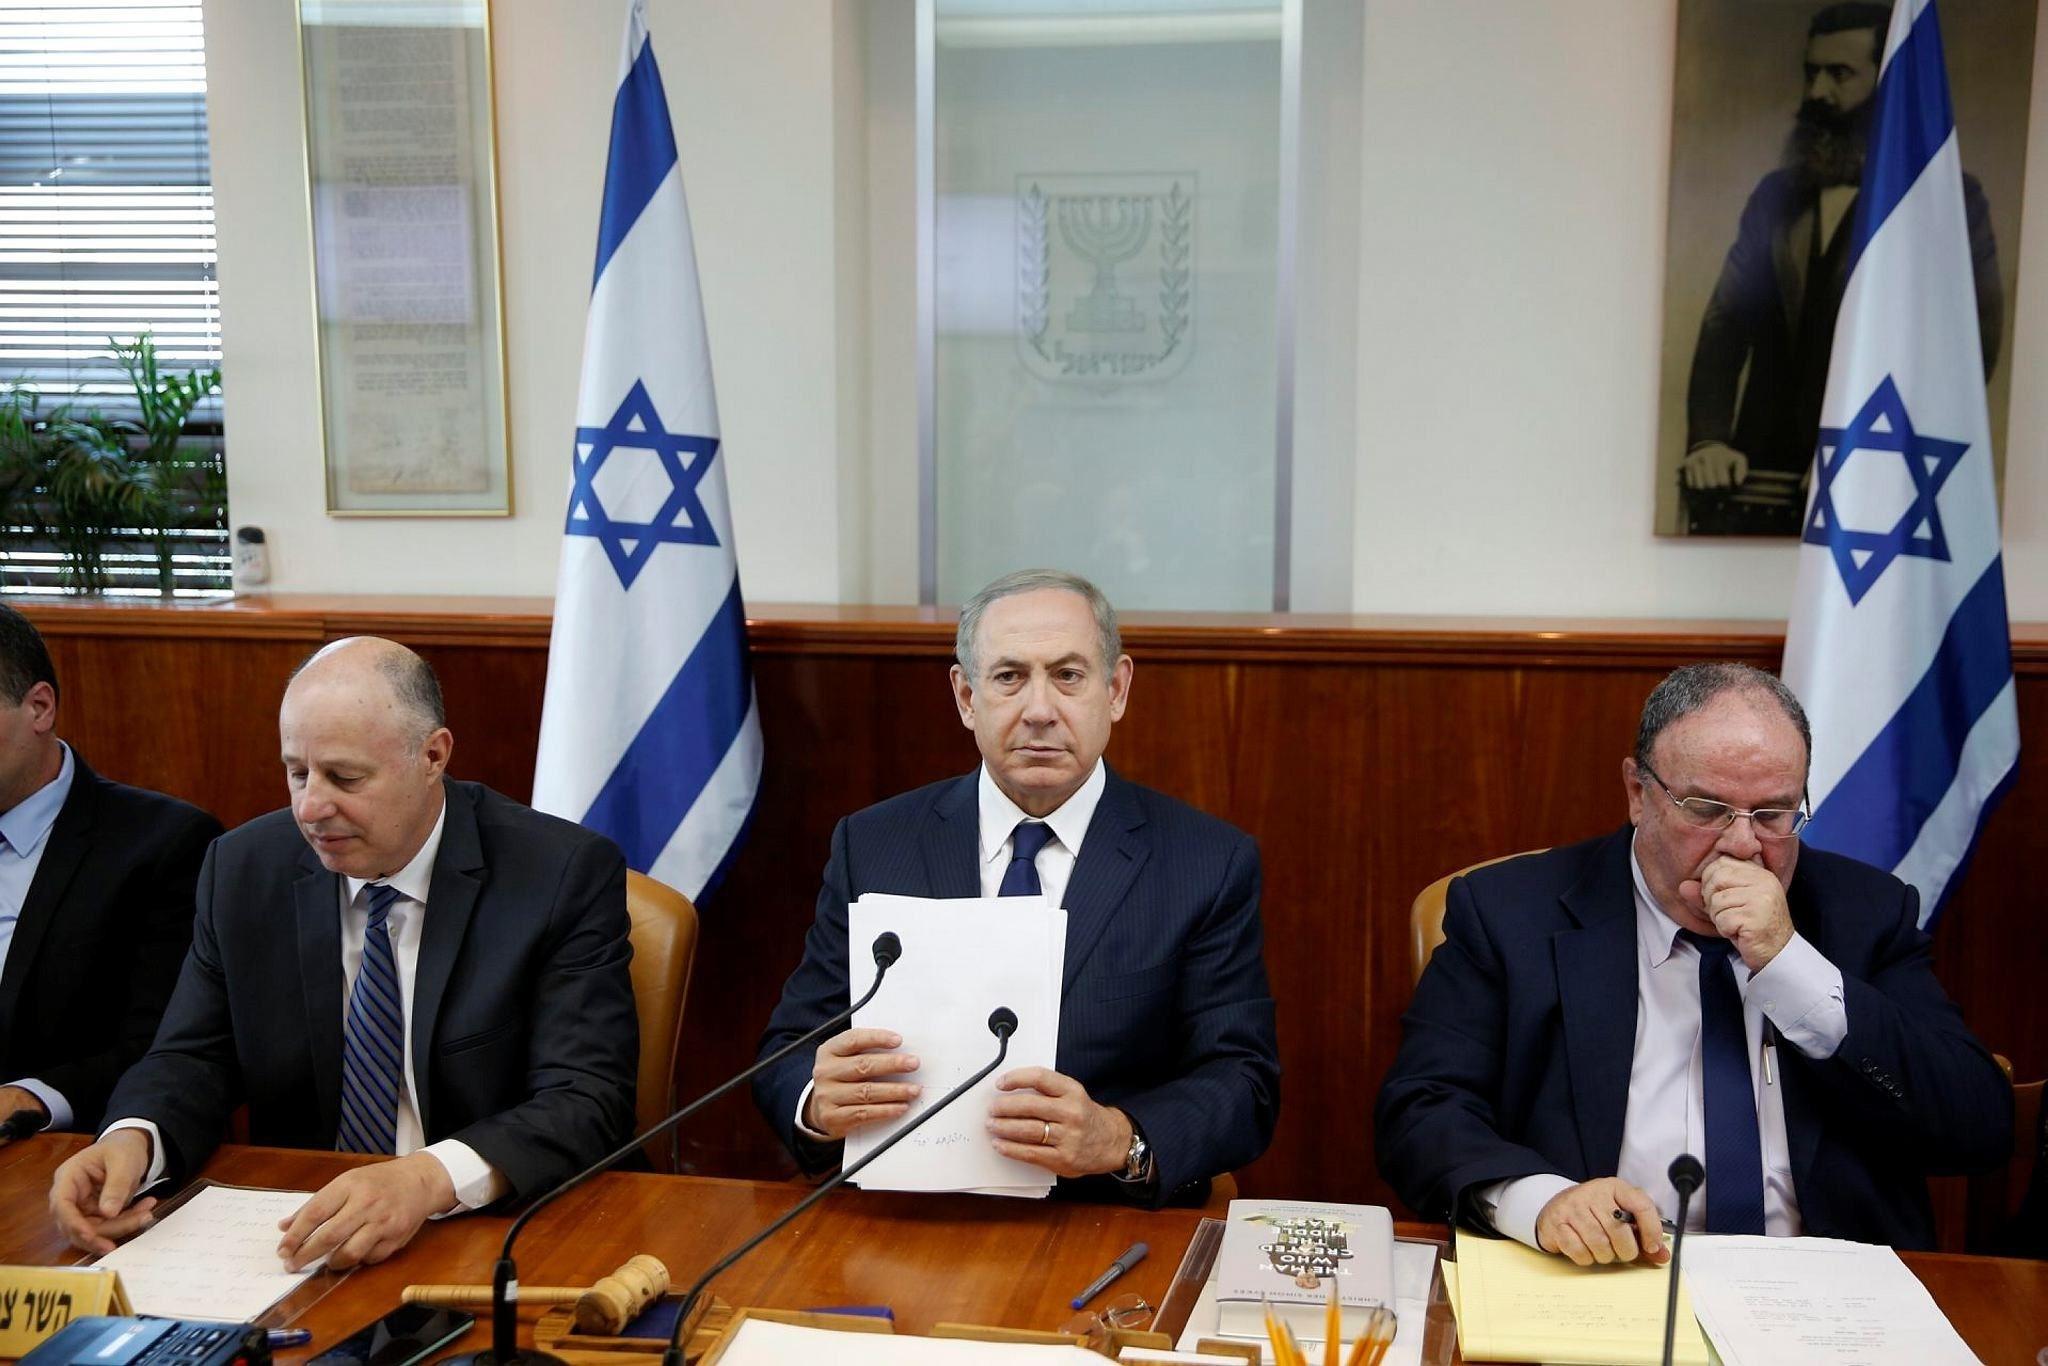 Israeli Prime Minister Benjamin Netanyahu attends the weekly cabinet meeting in Jerusalem, Nov. 13.